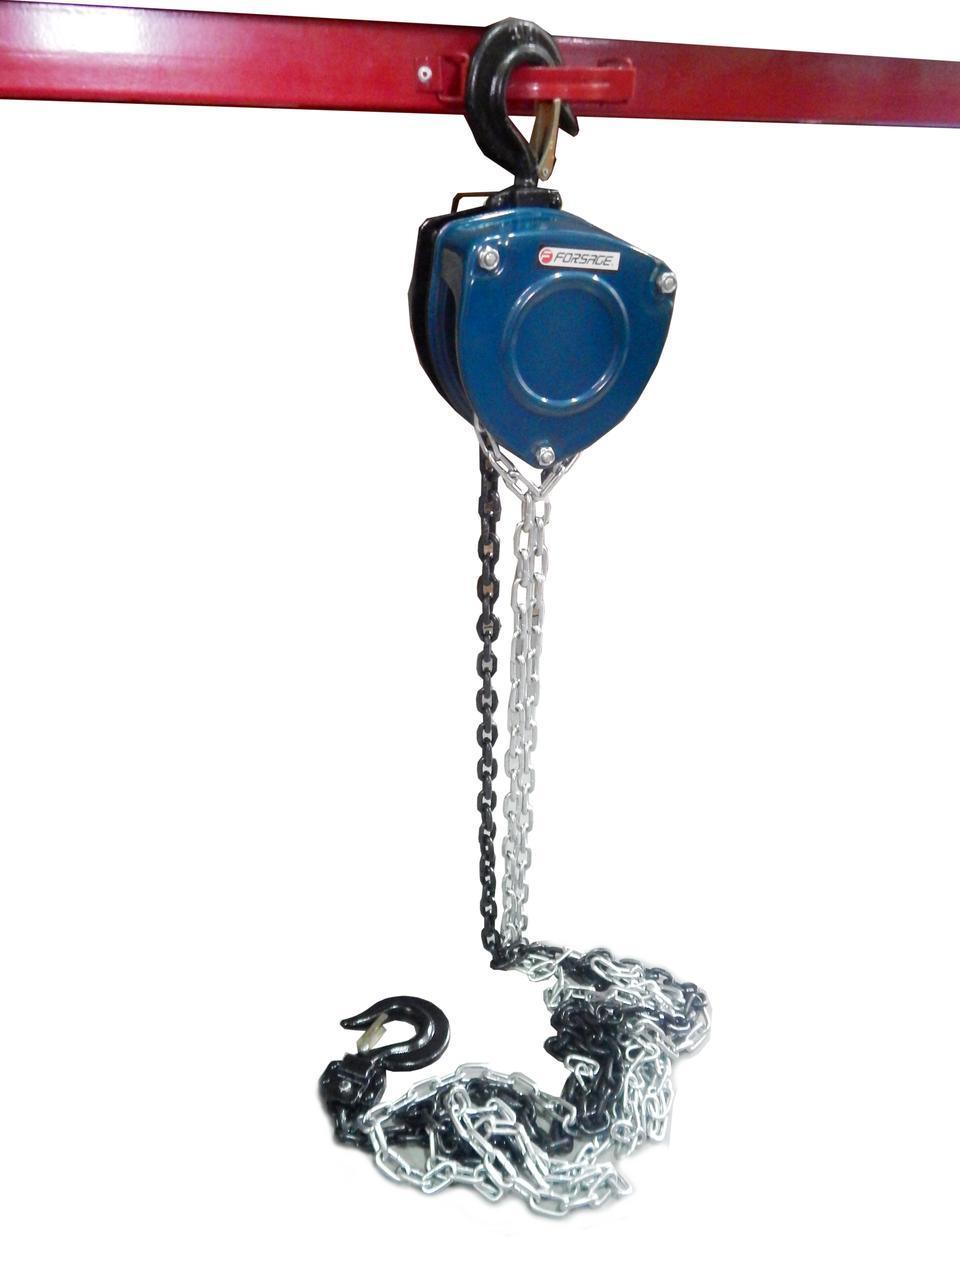 Лебедка механическая подвесная с лепестковым механизмом фиксации цепи натяжения 1т  (длина цепи - 2.5м)